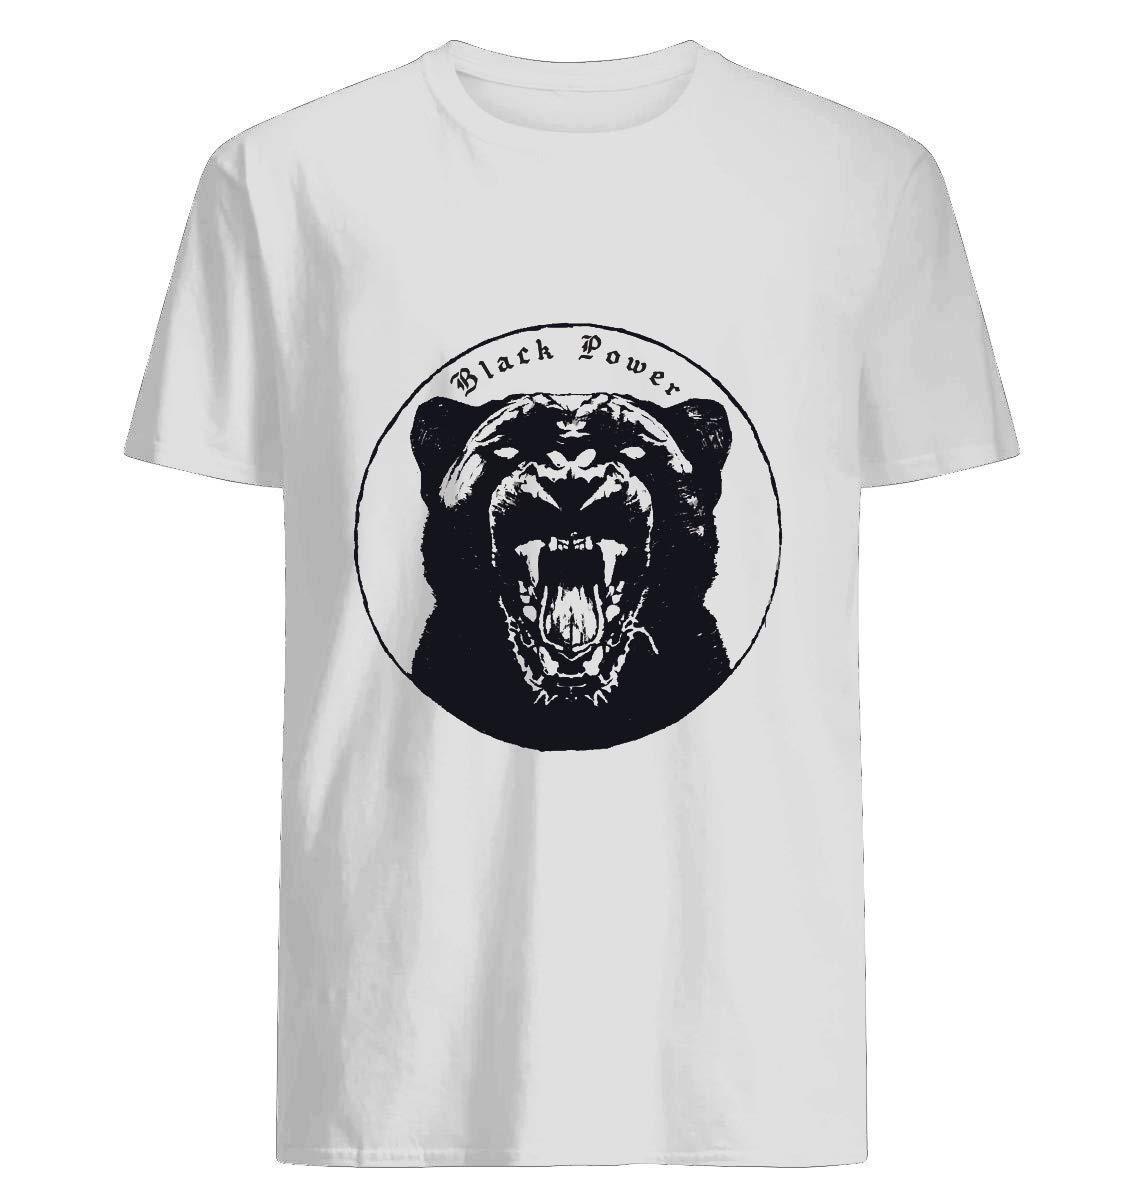 Black Power 53 T Shirt For Unisex